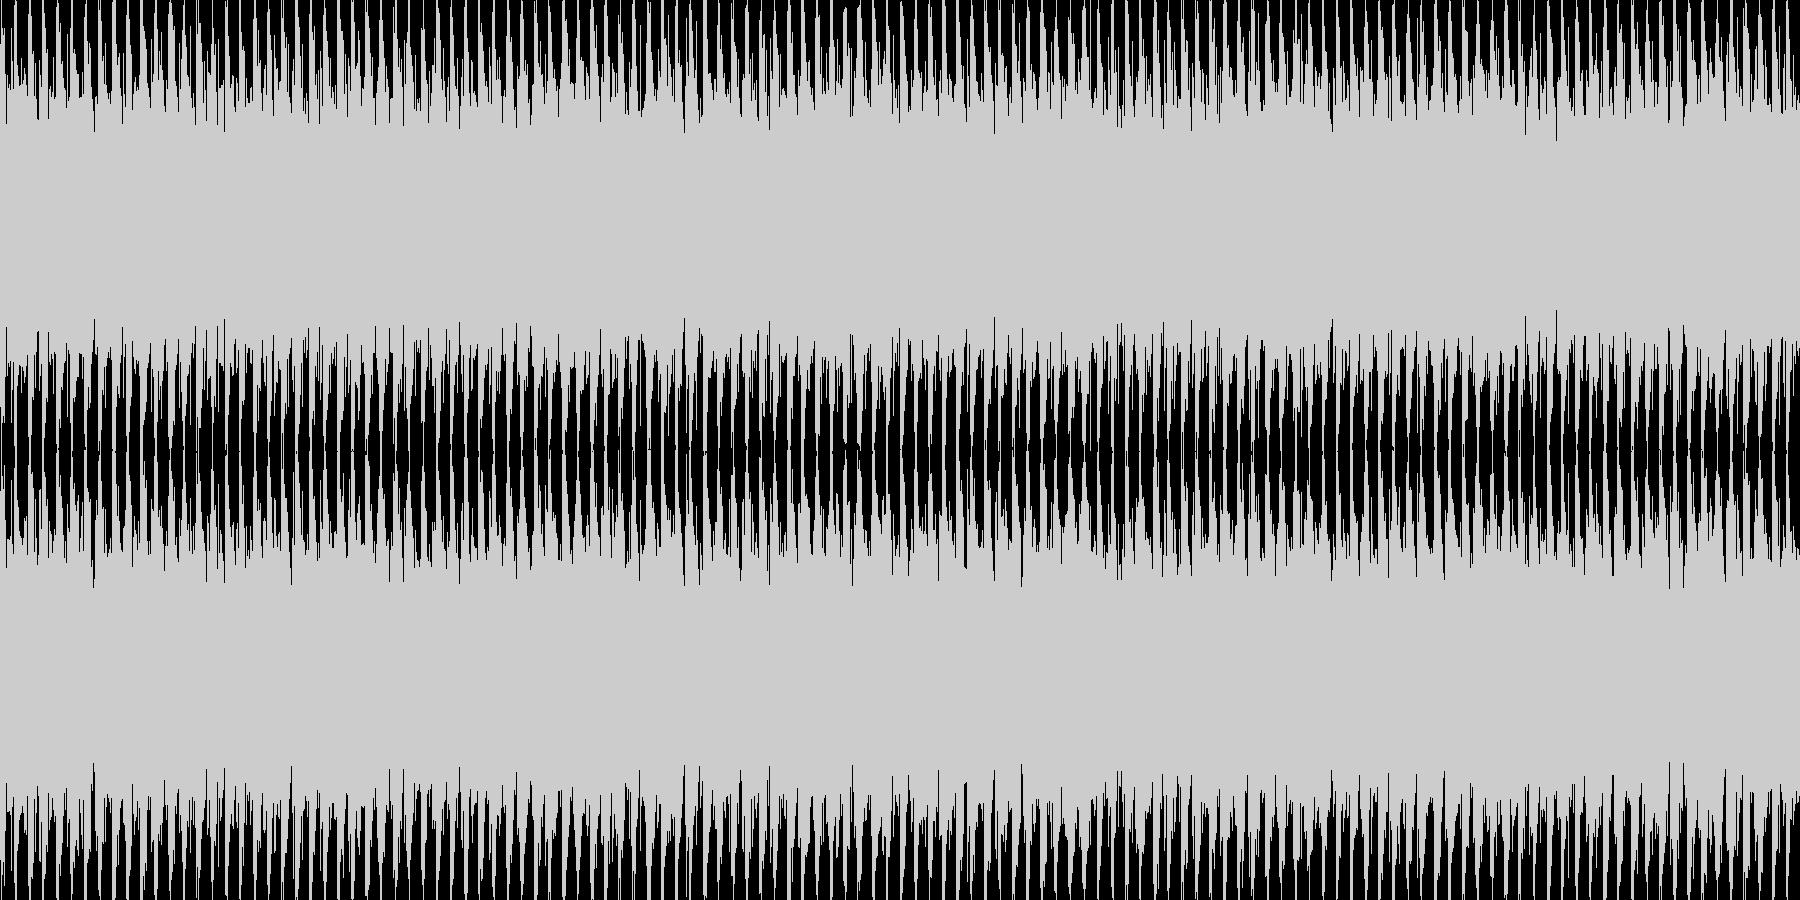 ニュースや映像、ループ可能なテクノ2の未再生の波形